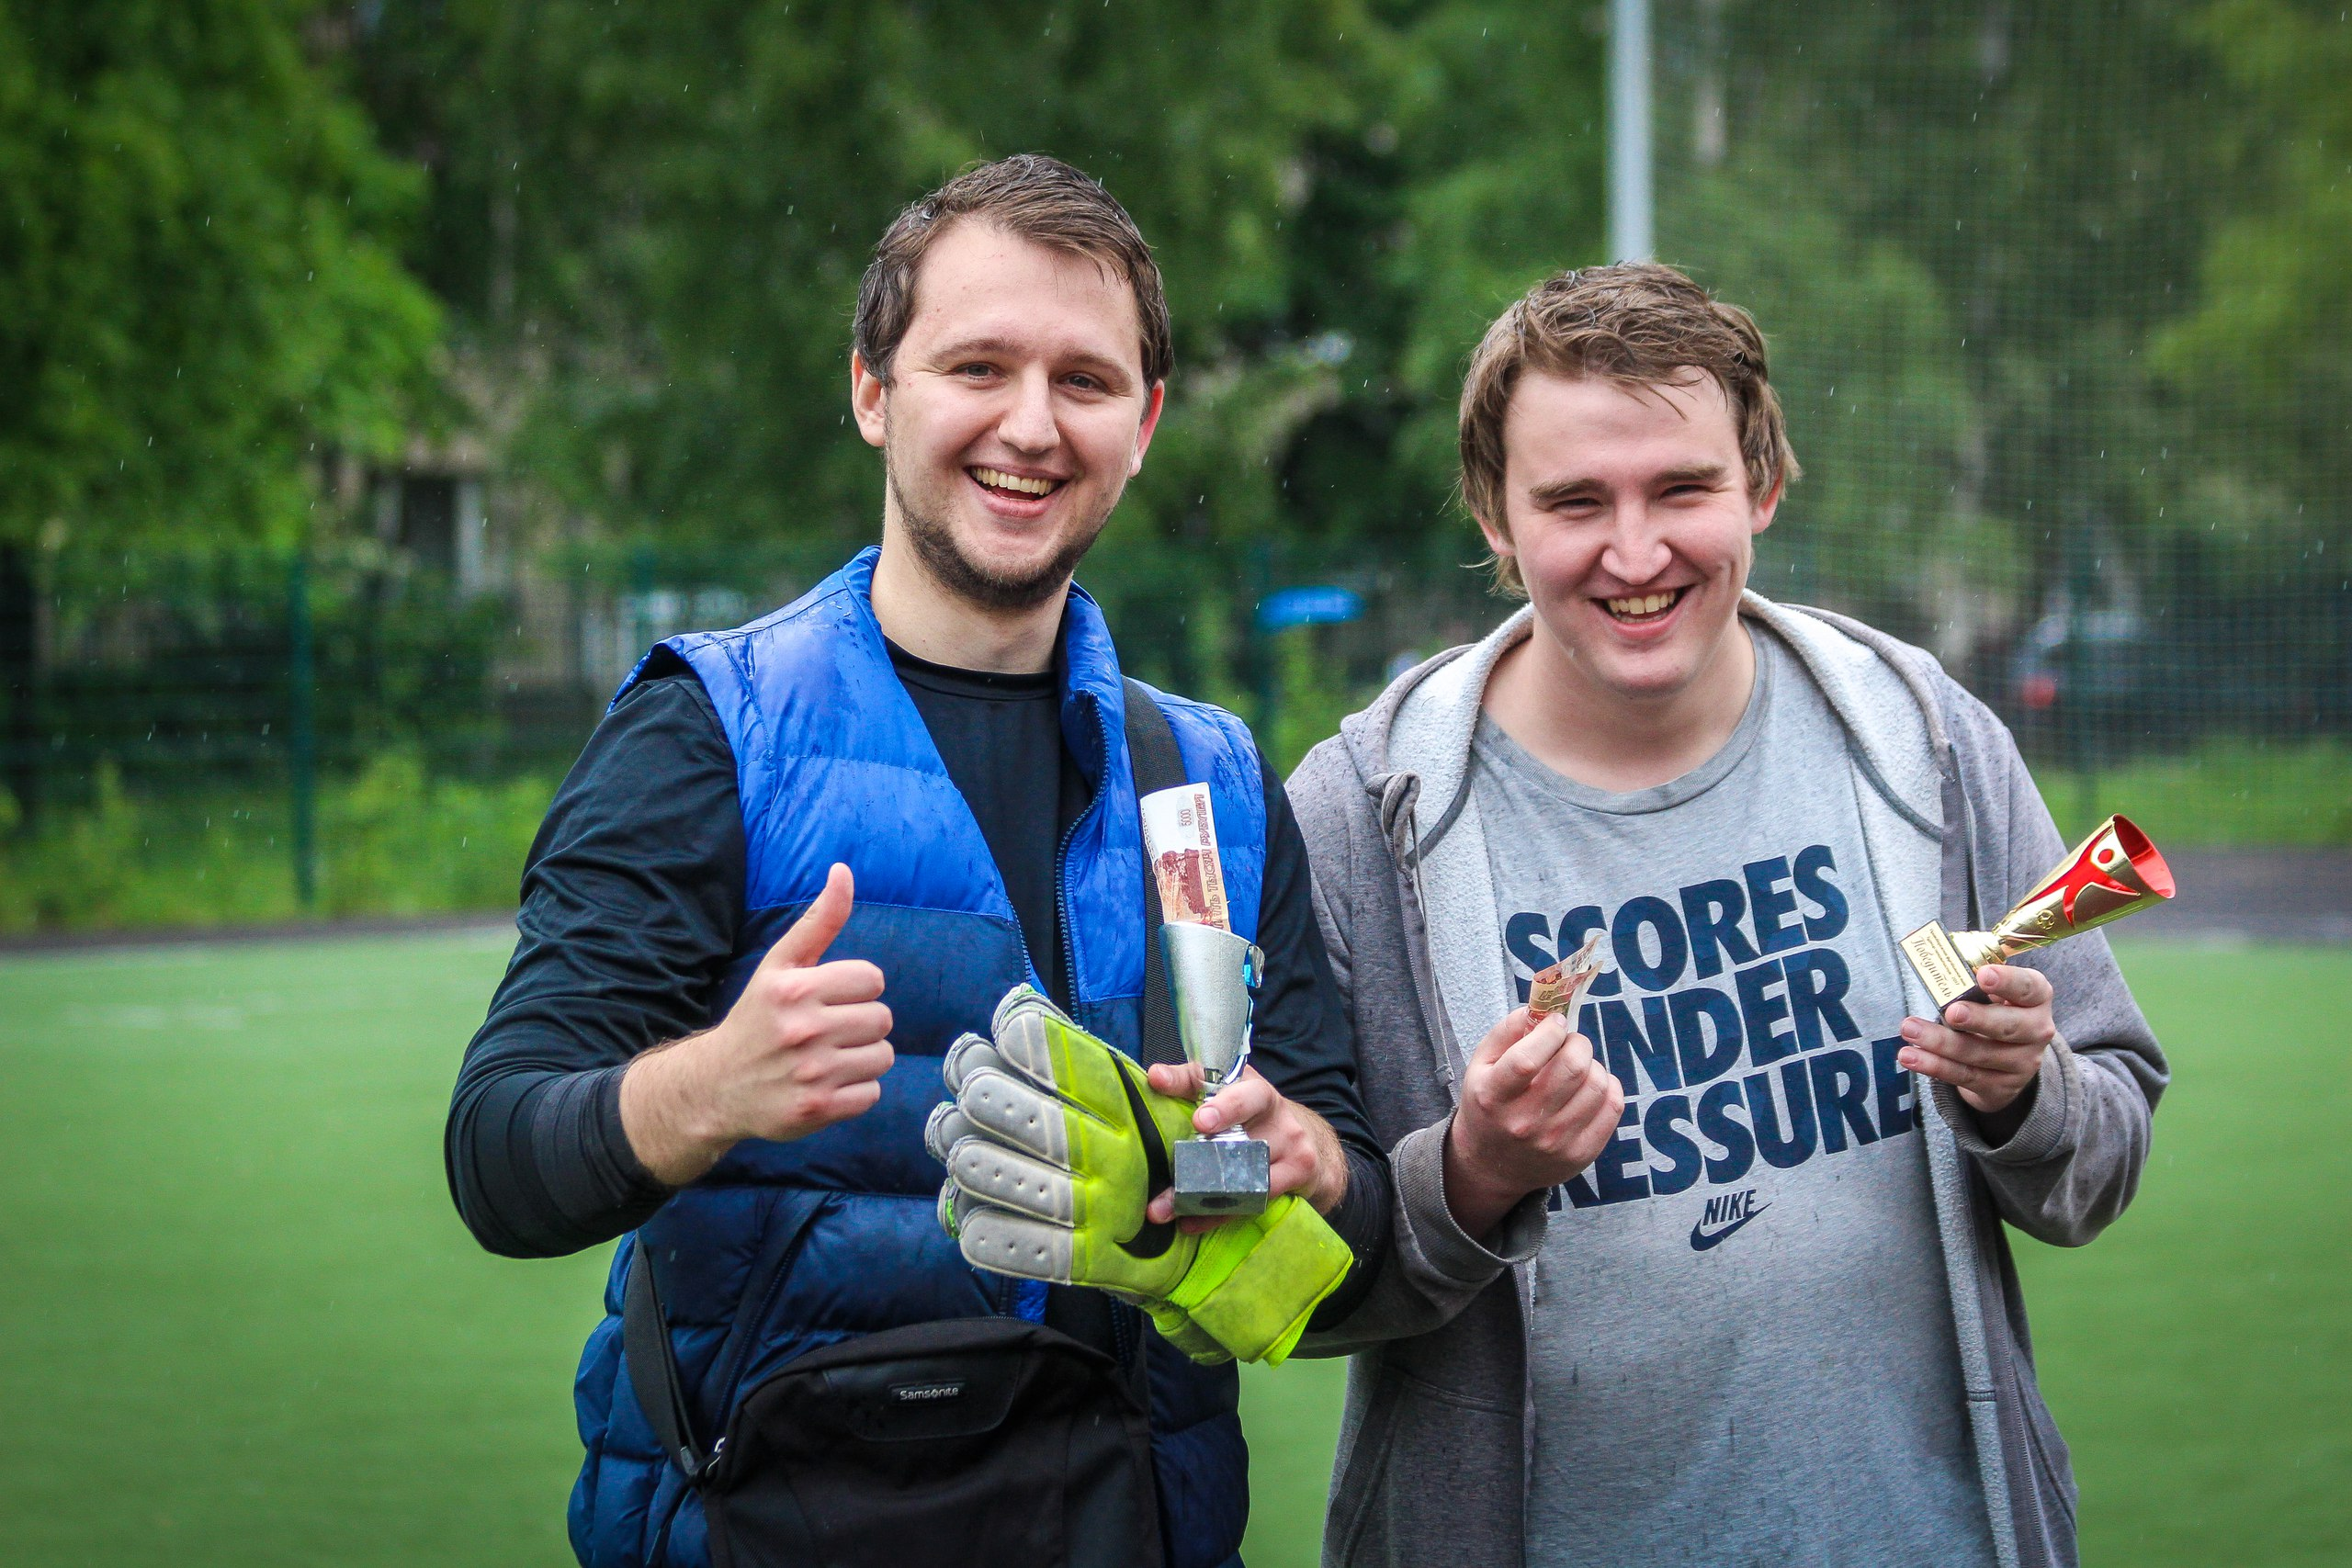 Федор Фукалов и Максим Анциферов - победители турнира пенальтистов - 2017.